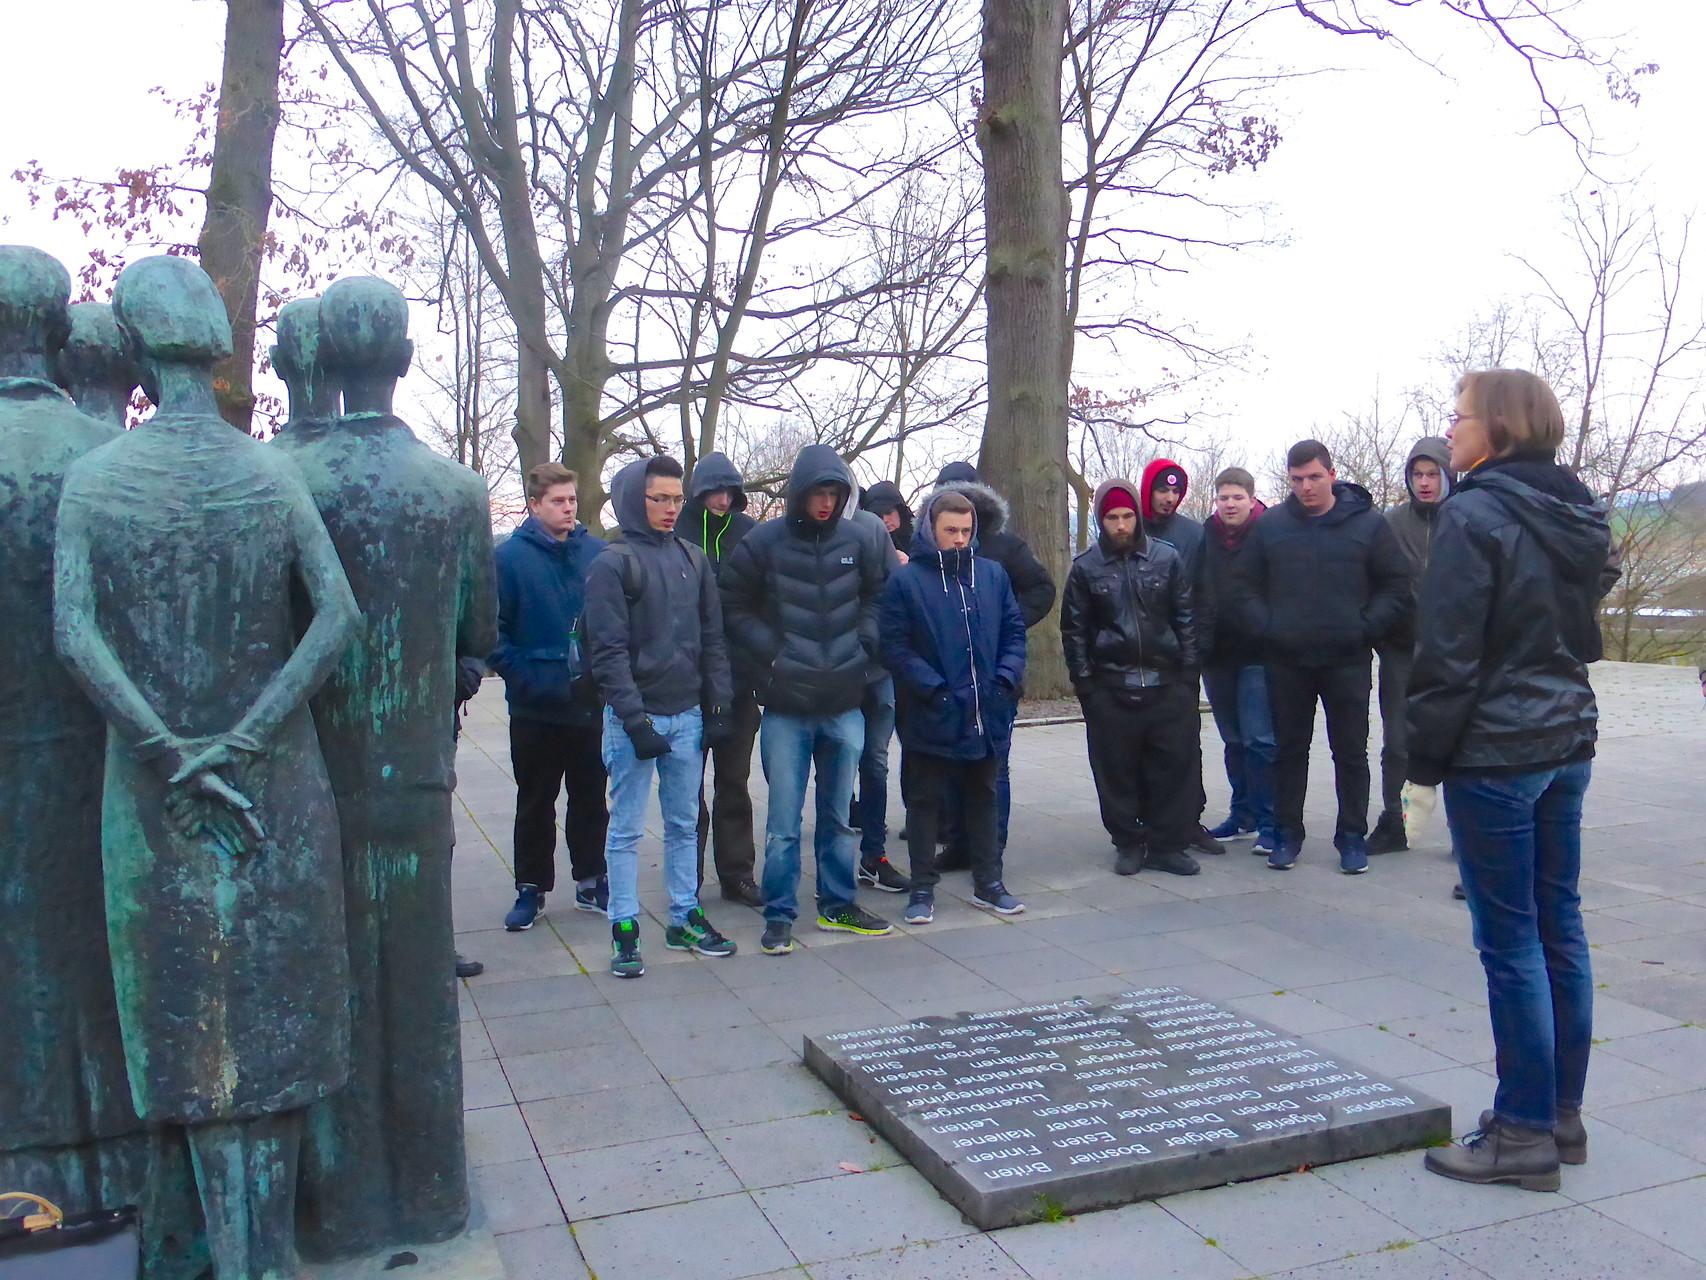 Schüler am Gedenkplatz